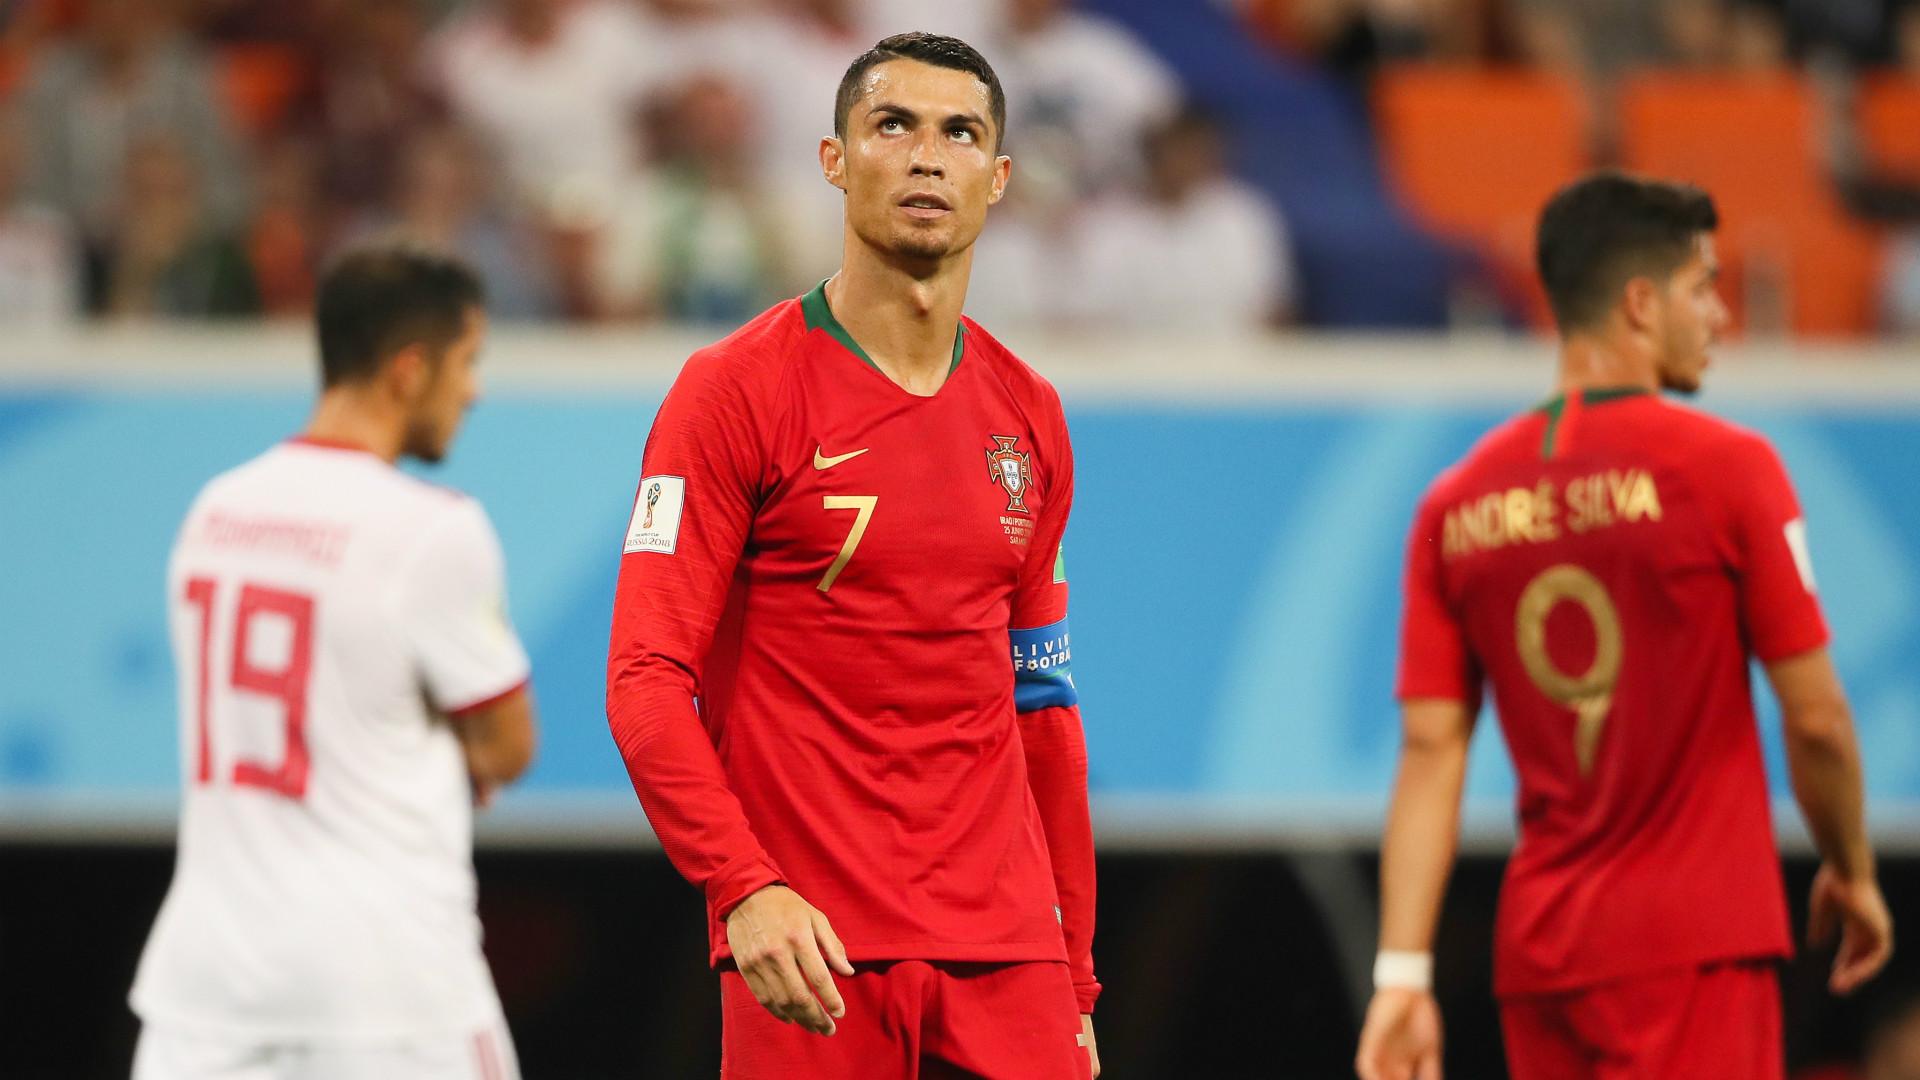 Cristiano Ronaldo Portugal vs Iran World Cup